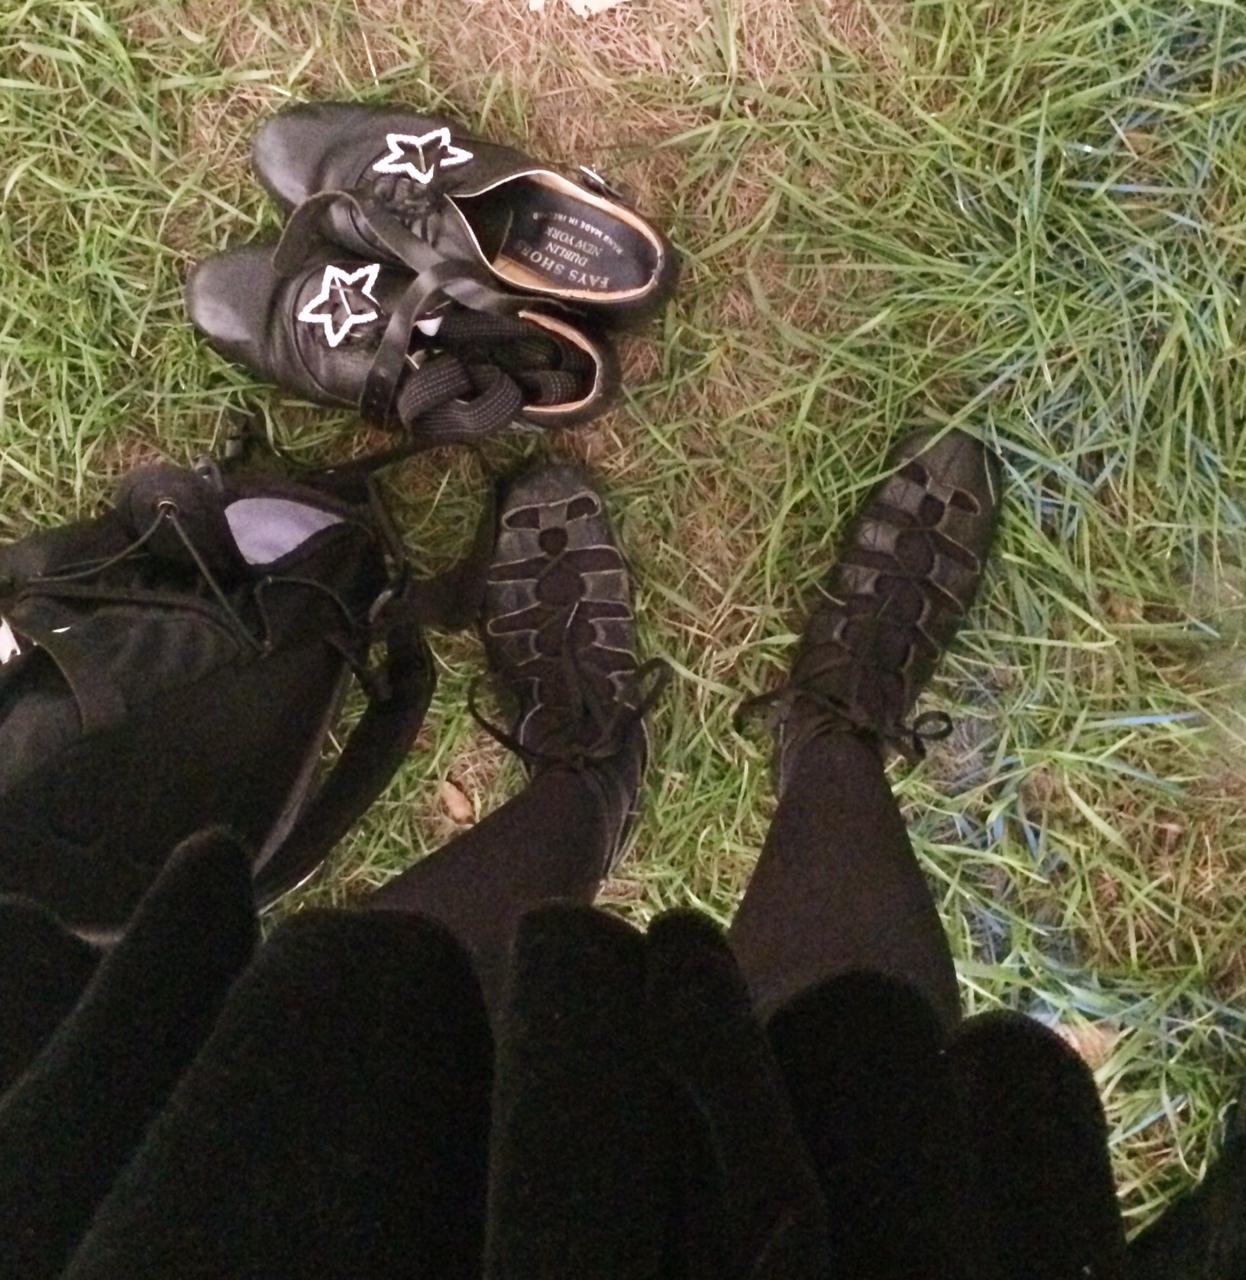 (backstage)